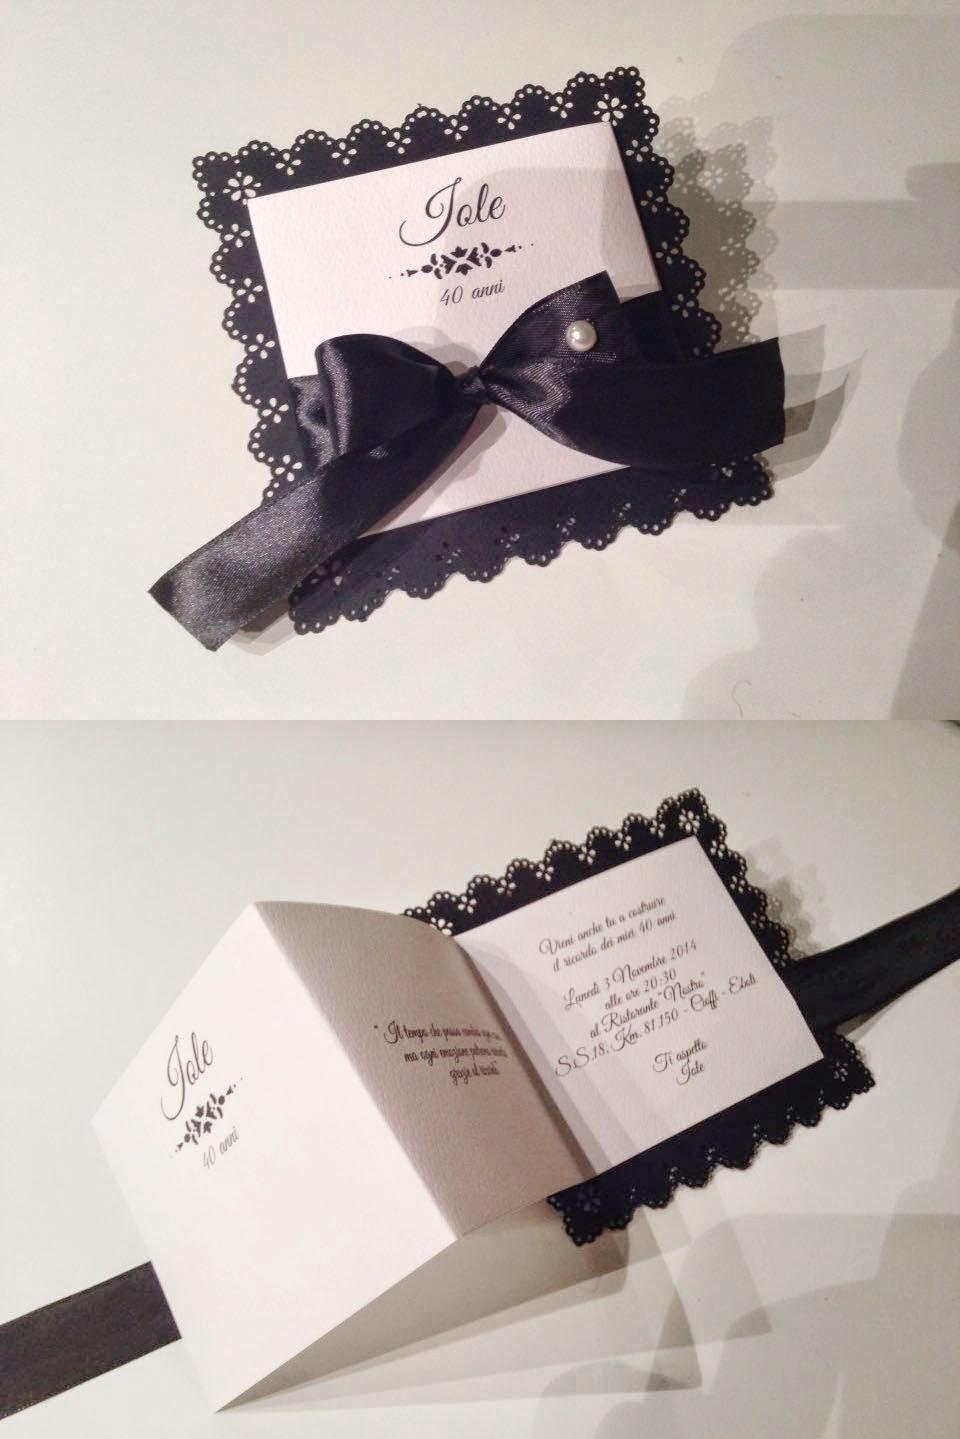 Amato Compleanno in bianco e nero: invito per i 40 anni SG81